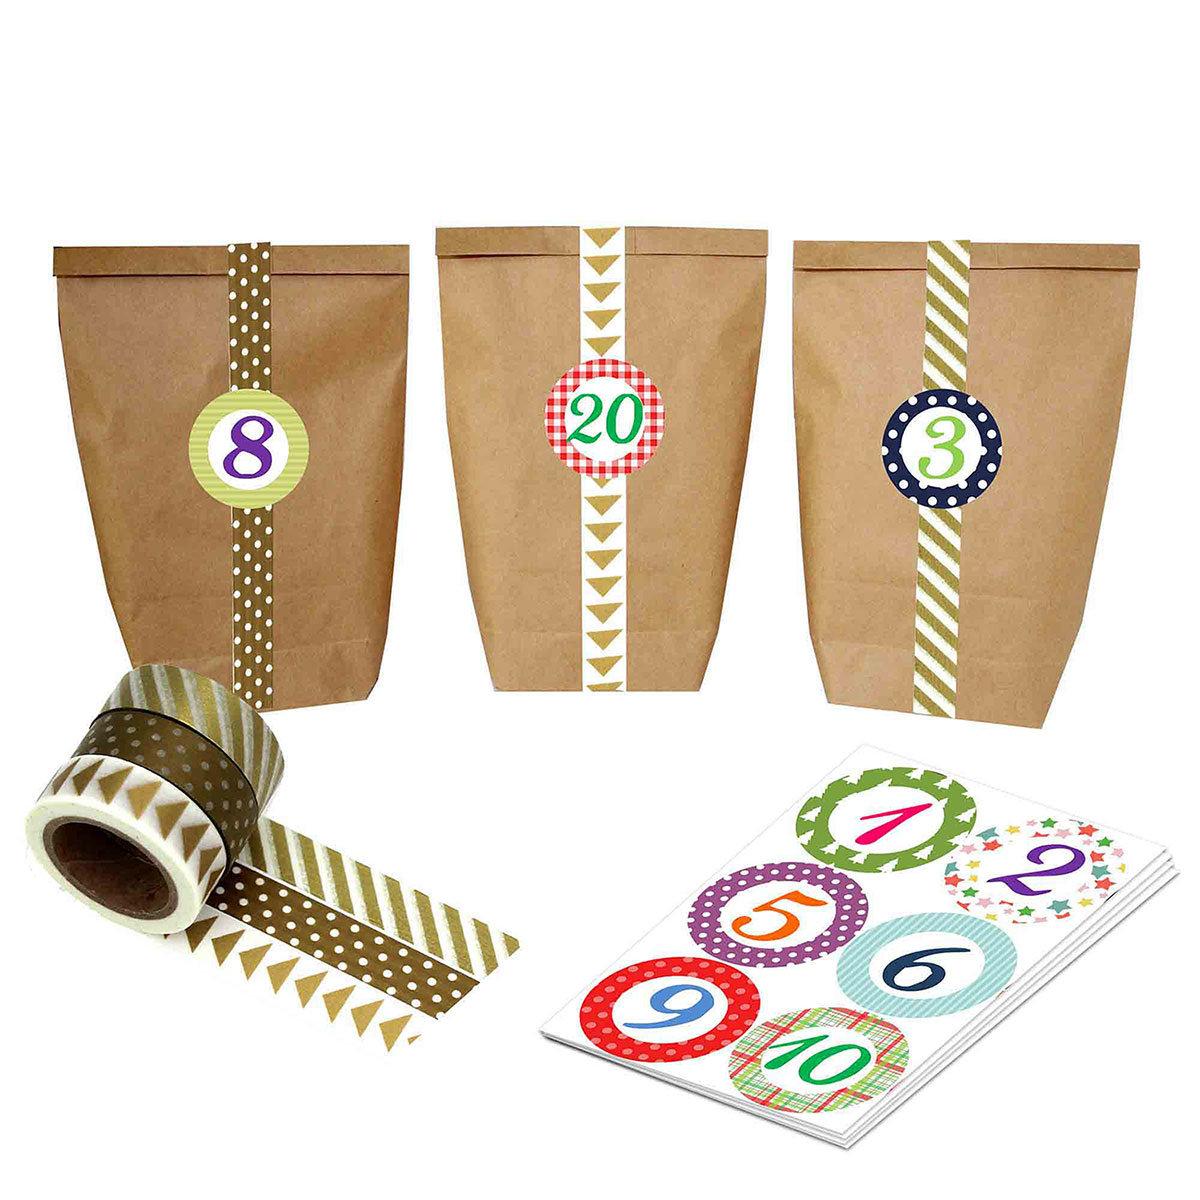 diy adventskalender mit washi tape zum selber basteln und bef llen bunte zahlen mit 24. Black Bedroom Furniture Sets. Home Design Ideas